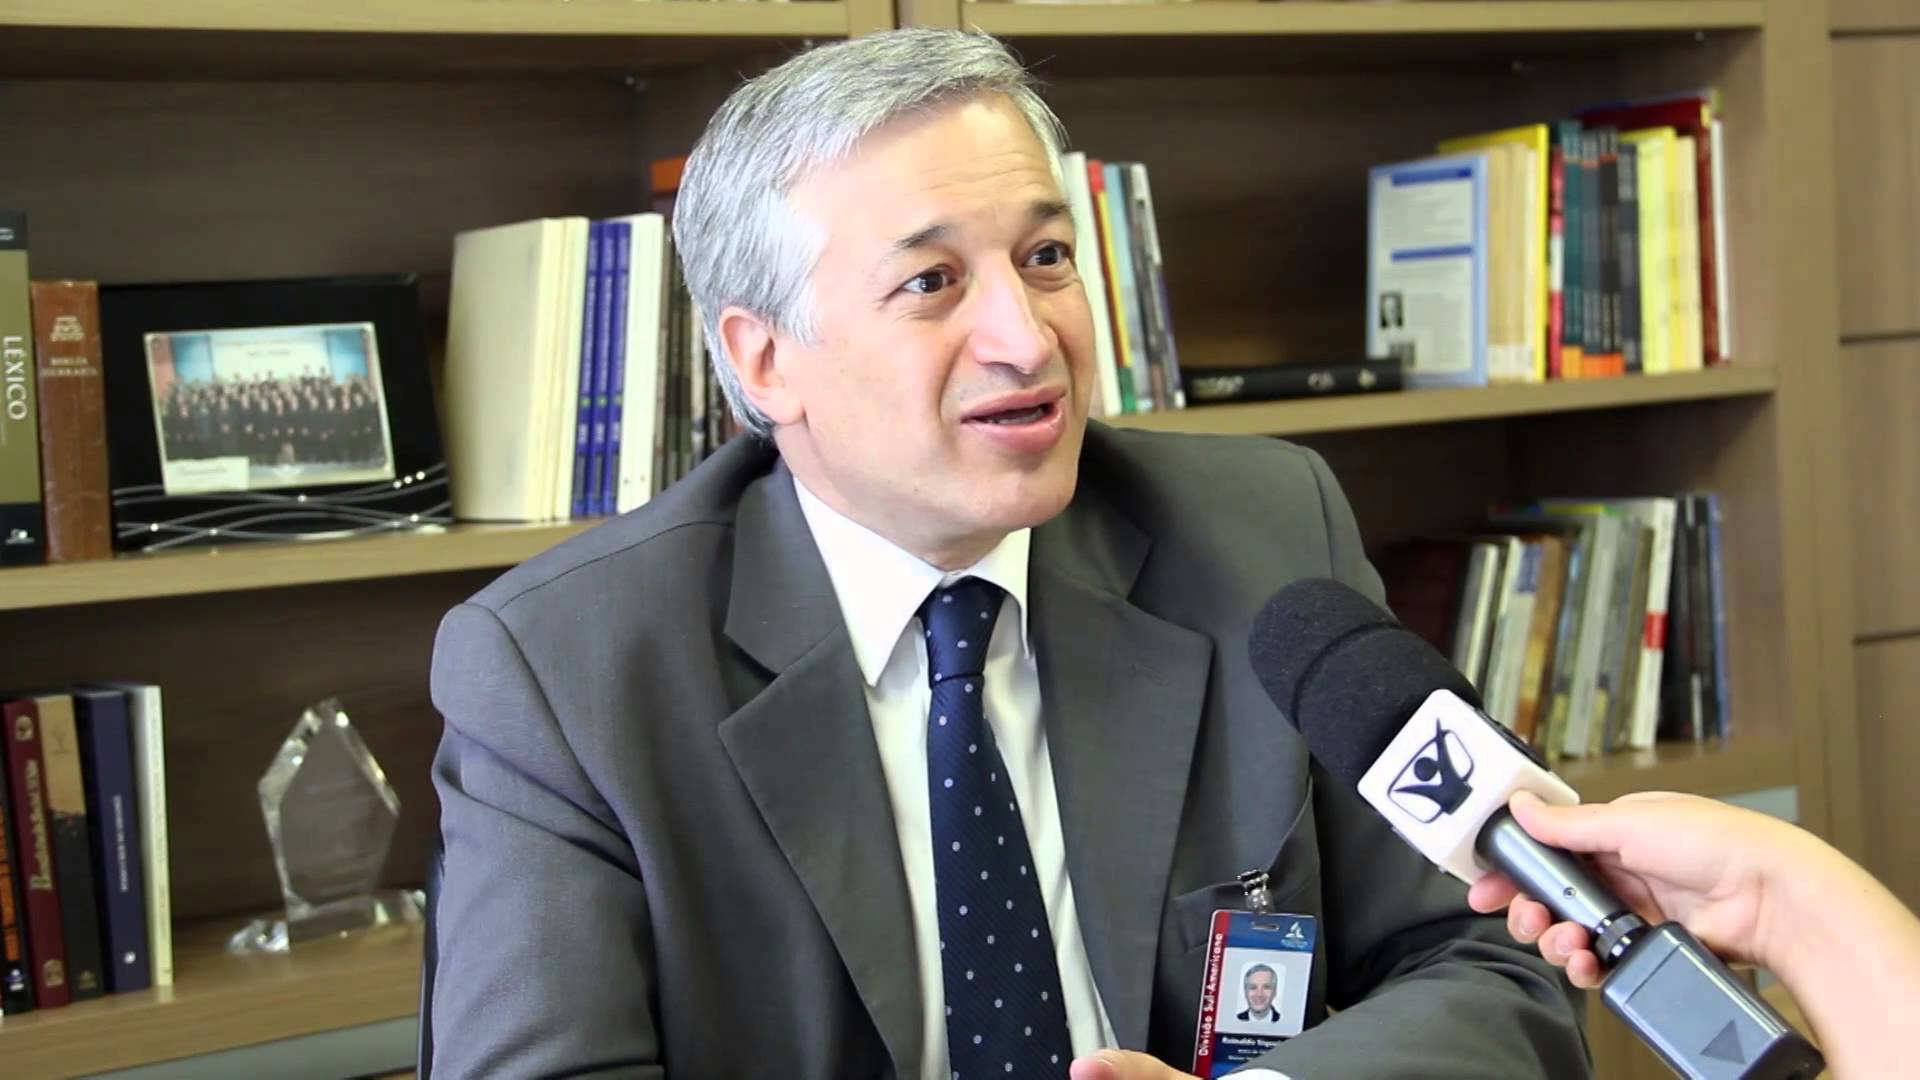 Noticias Adventistas- Los Adventistas y la Navidad- Dr. Reinaldo Siqueira